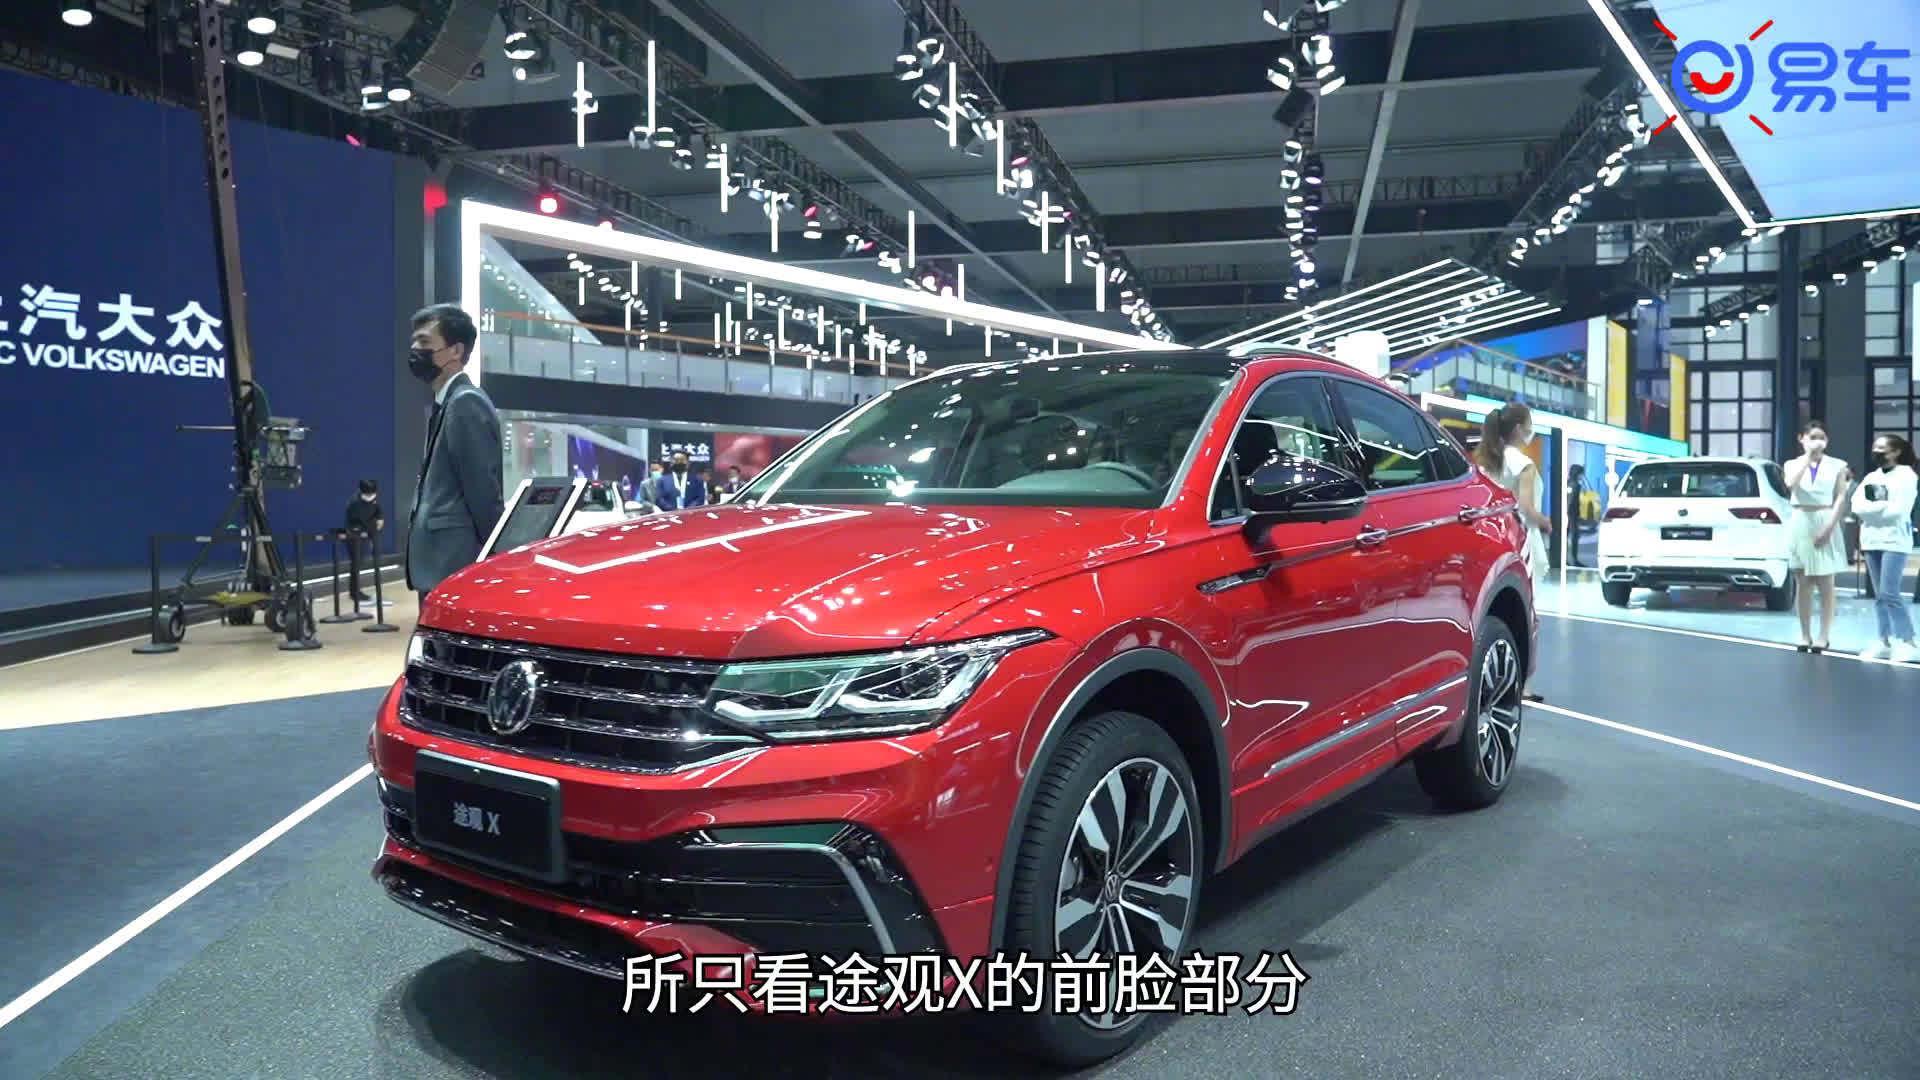 视频:大众最新设计语言,上海车展体验大众途观X